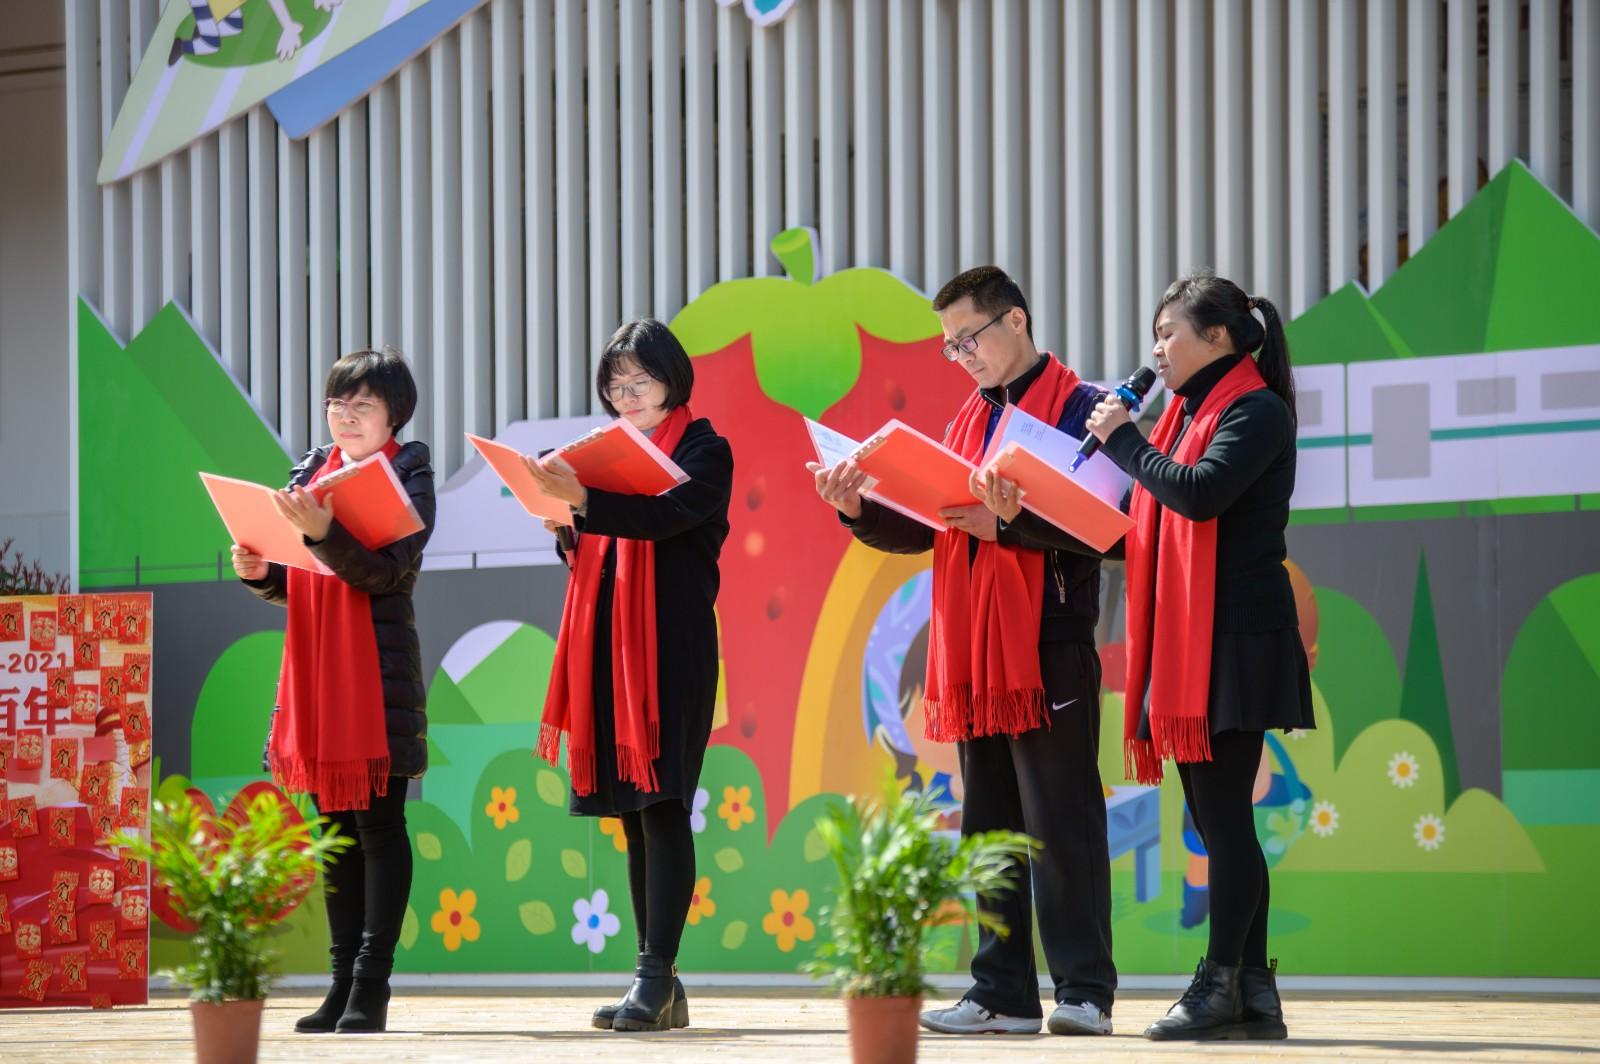 http://www.goschool.org.cn/d/file/06206420.jpg